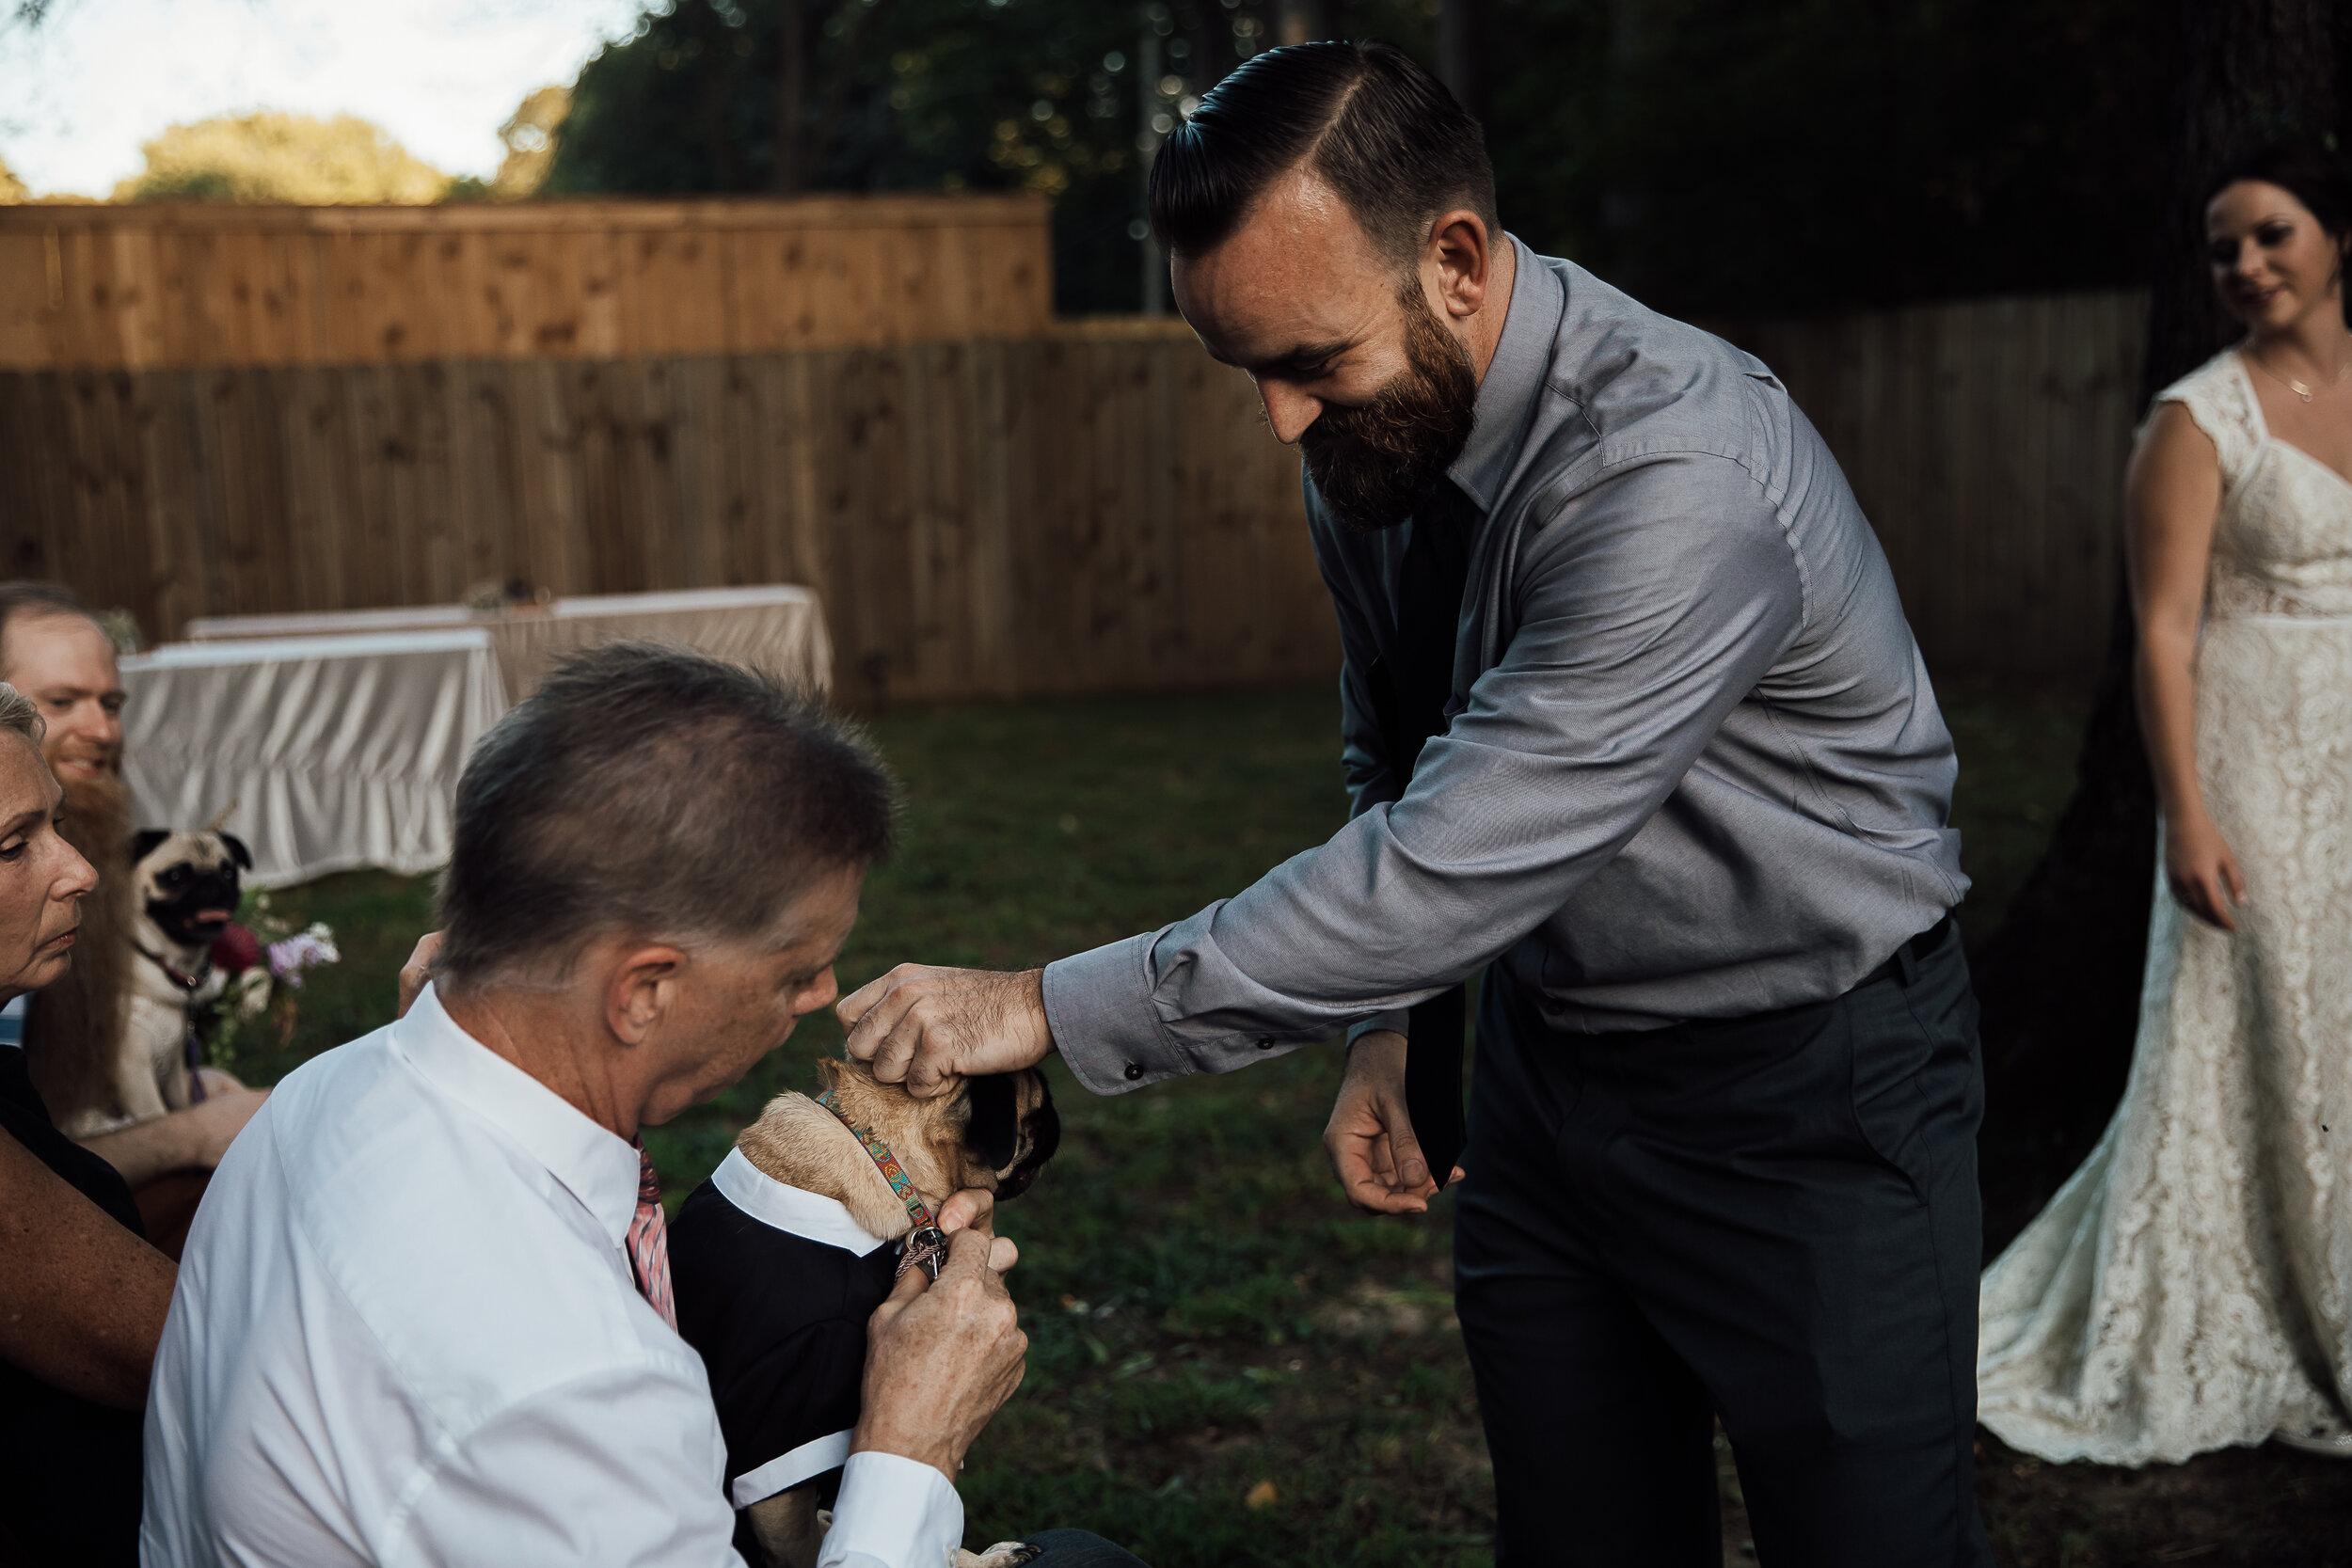 Allison-and-Wesley-Memphis-Backyard-Wedding-TheWarmthAroundYou-162.jpg